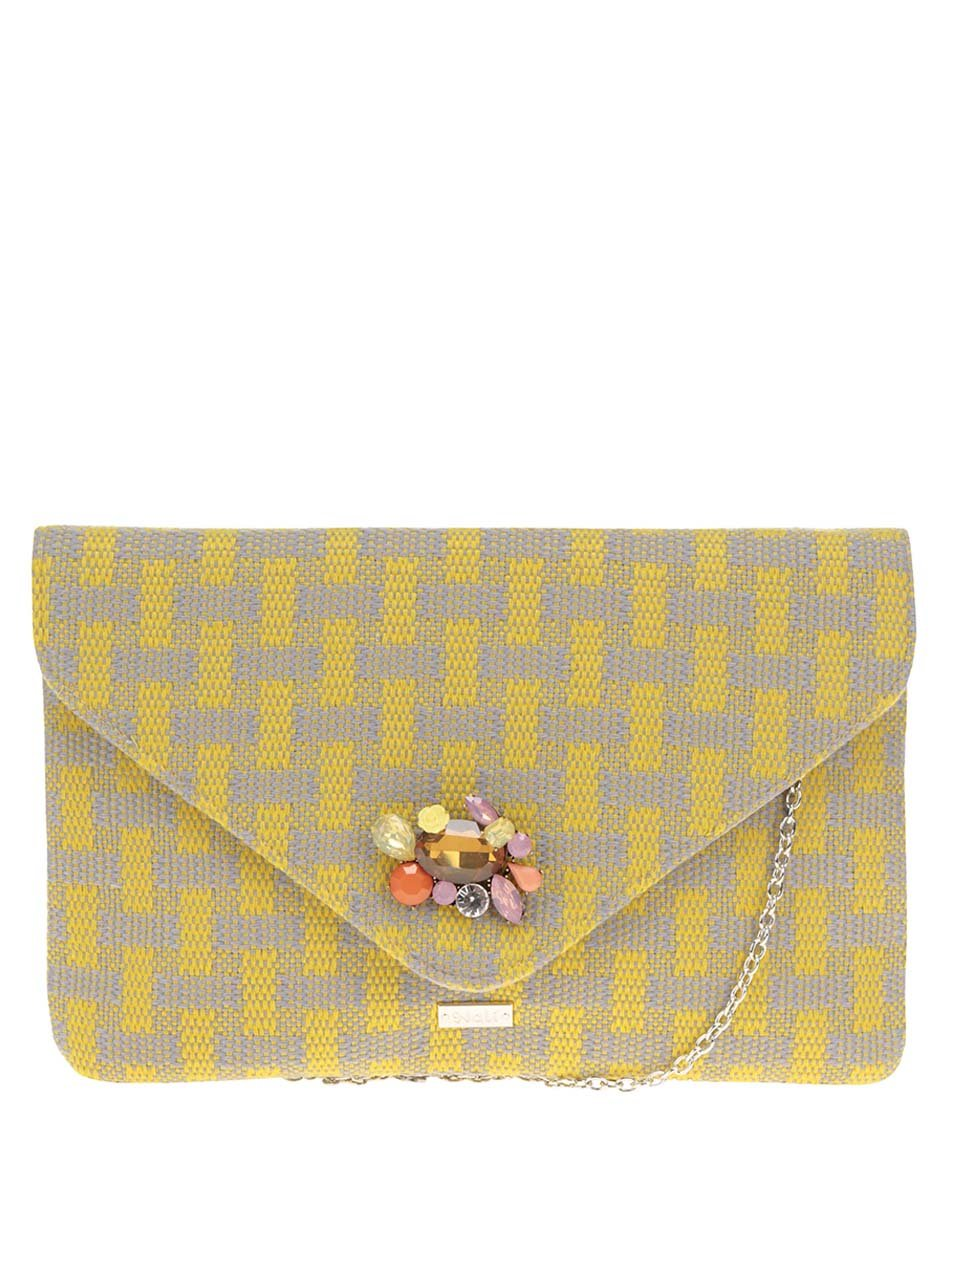 Šedo-žluté vzorované psaníčko crossbody kabelka s broží Nalí ... 1416a27edd4